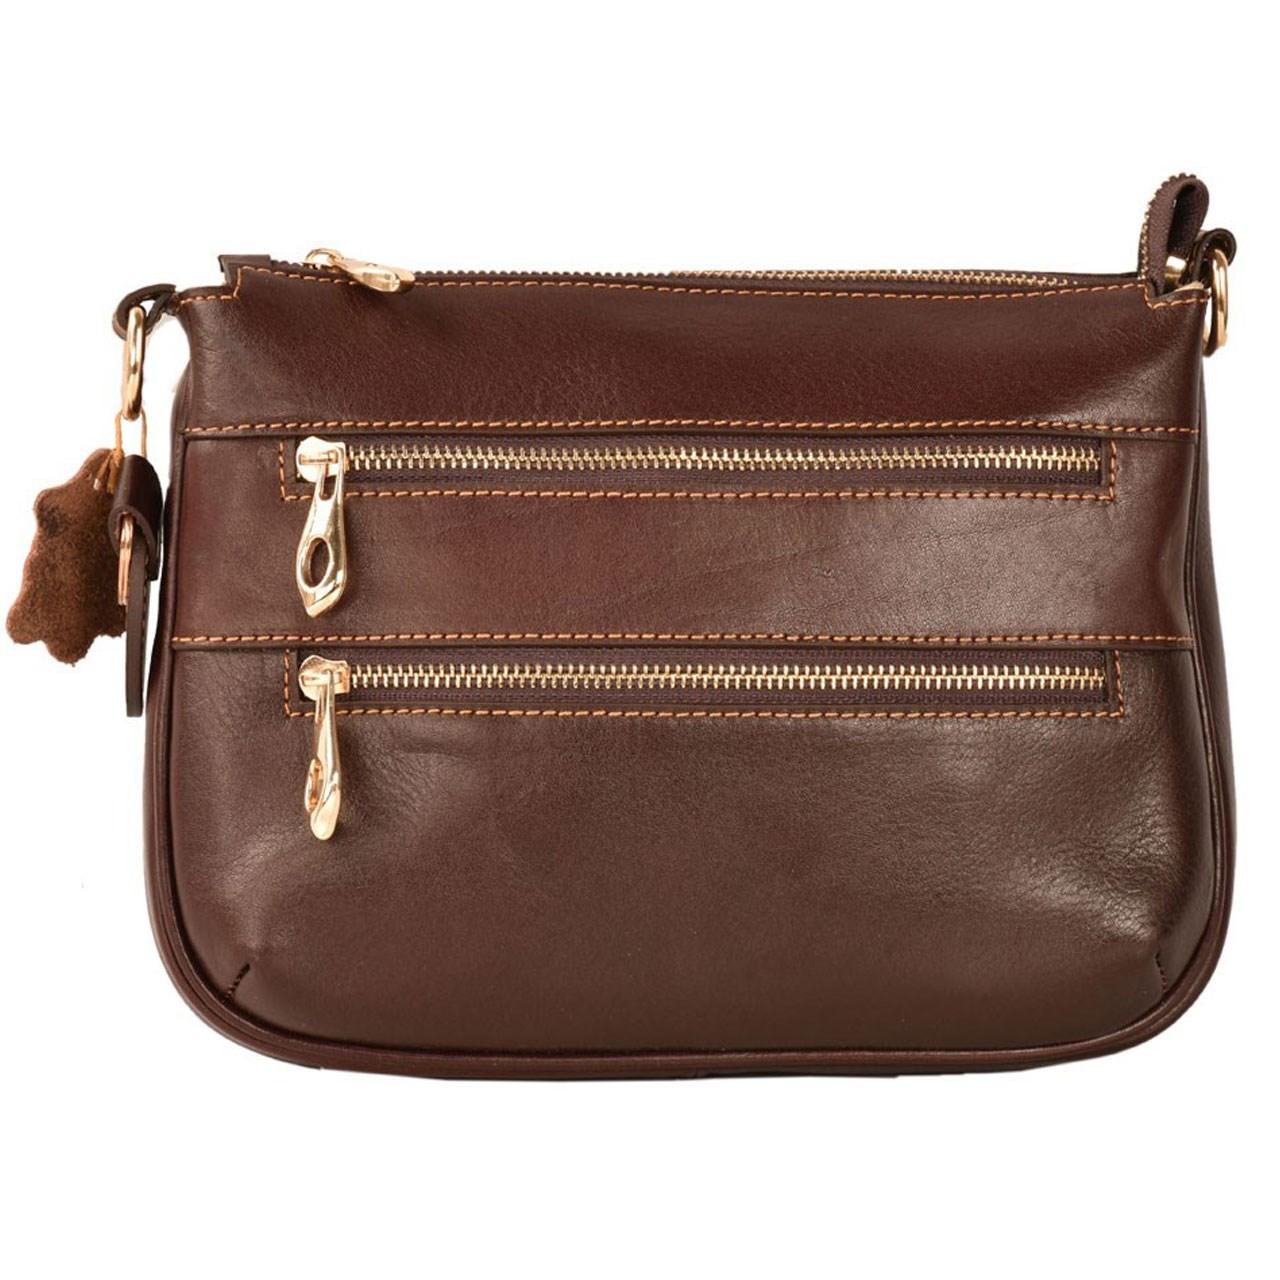 کیف رو دوشی چرم طبیعی کهن چرم مدل V170-7